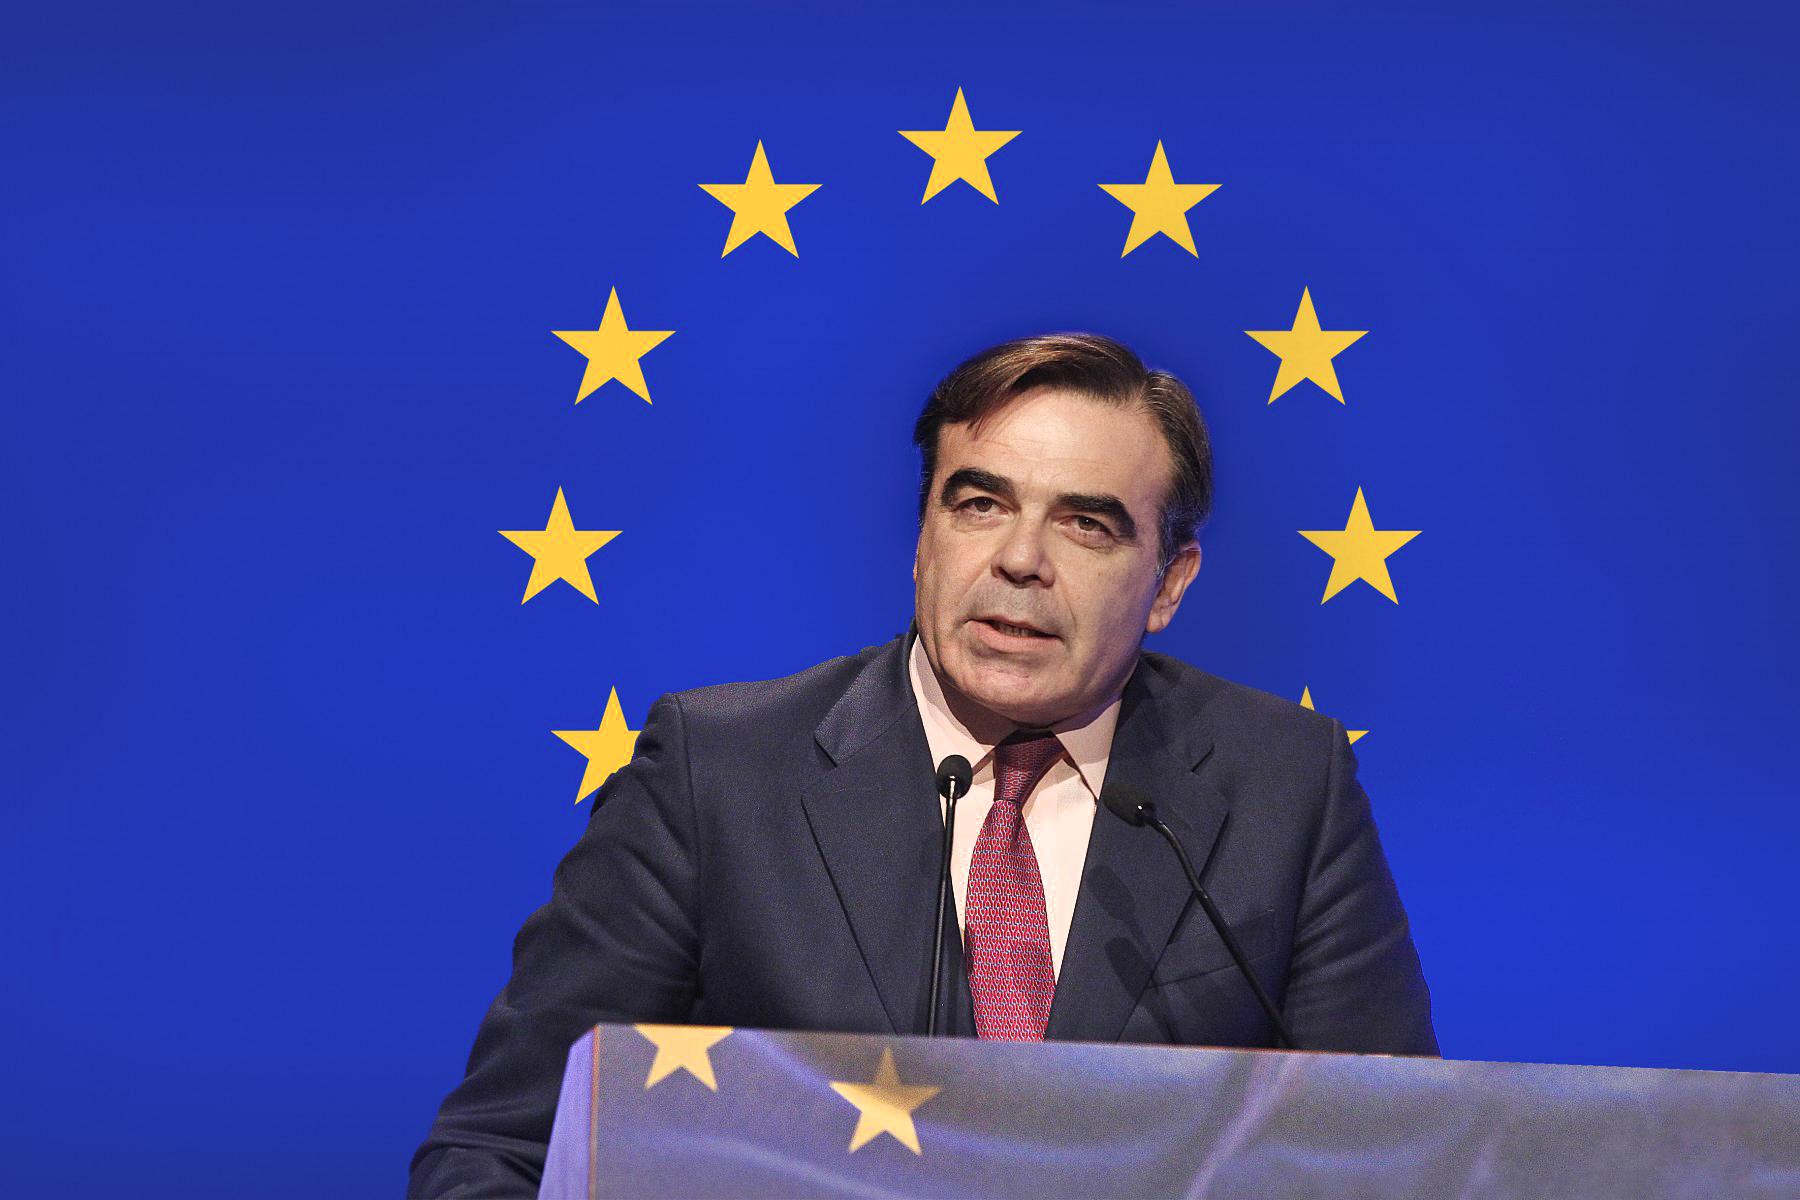 Μαργαρίτης Σχοινάς στην ΕΡΤ: Μέχρι το τέλος Ιουνίου 400 εκατομμύρια δόσεις εμβολίων στην ΕΕ